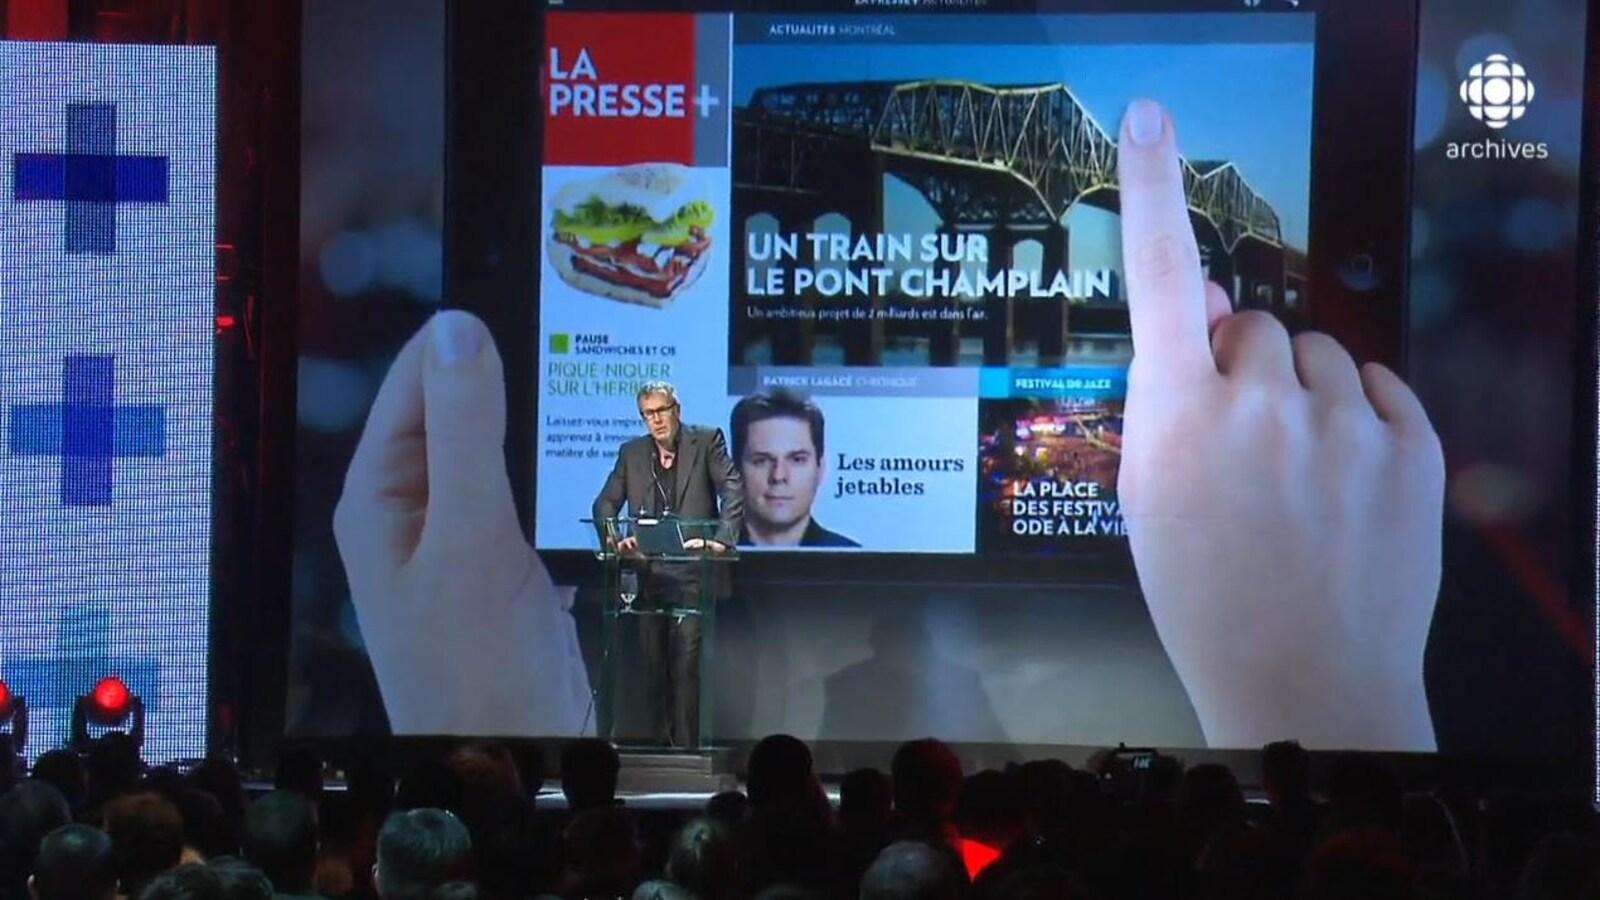 Guy Crevier présentant sur une scène, avec en arrière-plan un écran géant présentant un tutoriel de du journal numérique La Presse+.